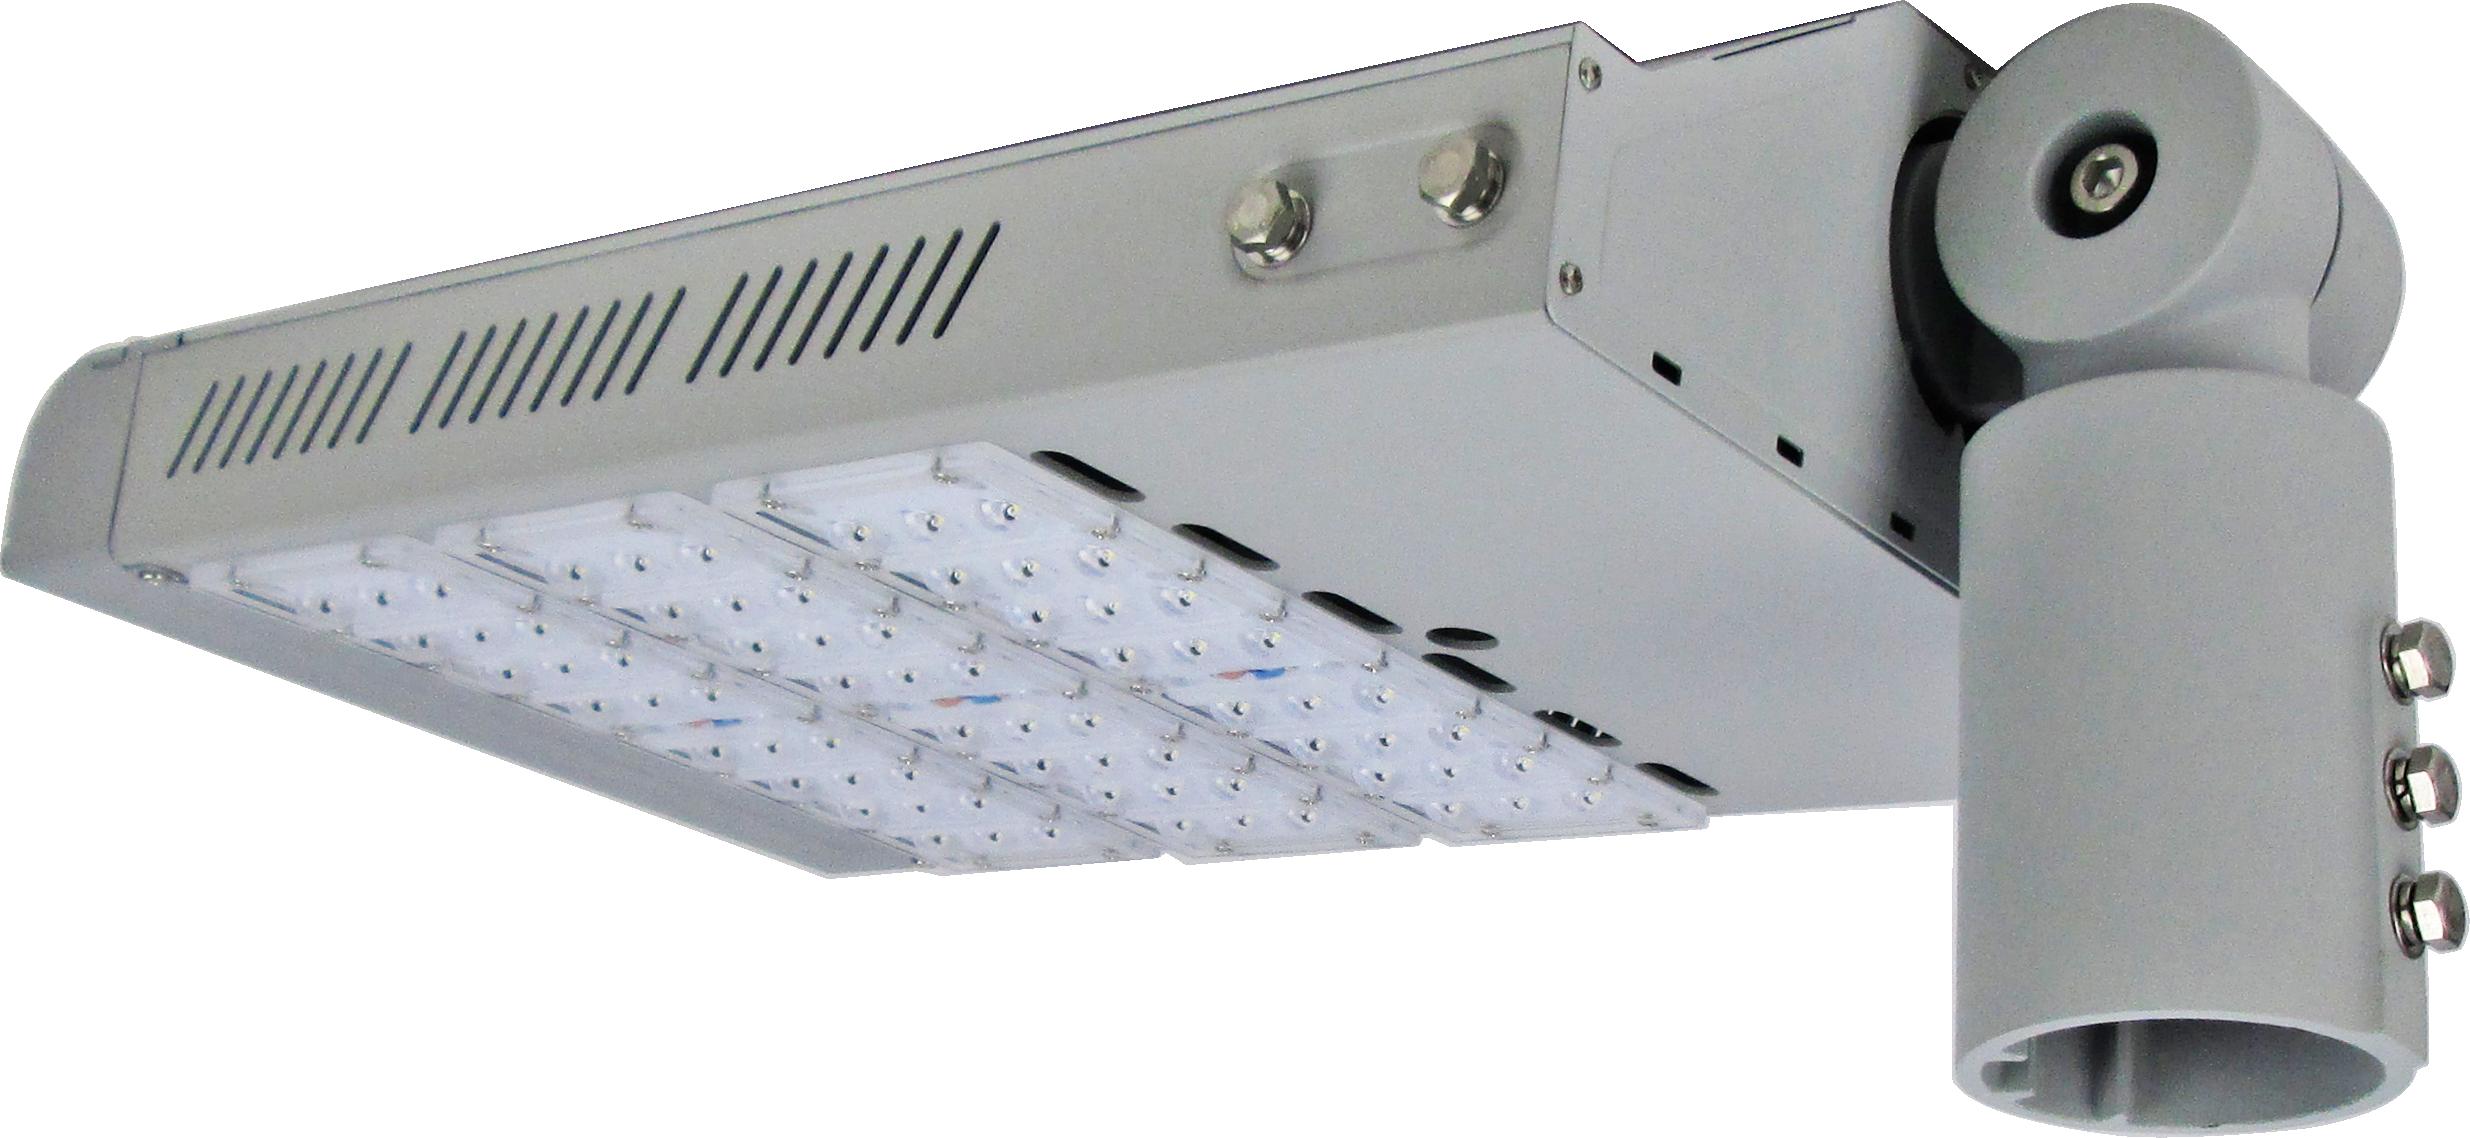 LED Street Light, AL-ST1 Series